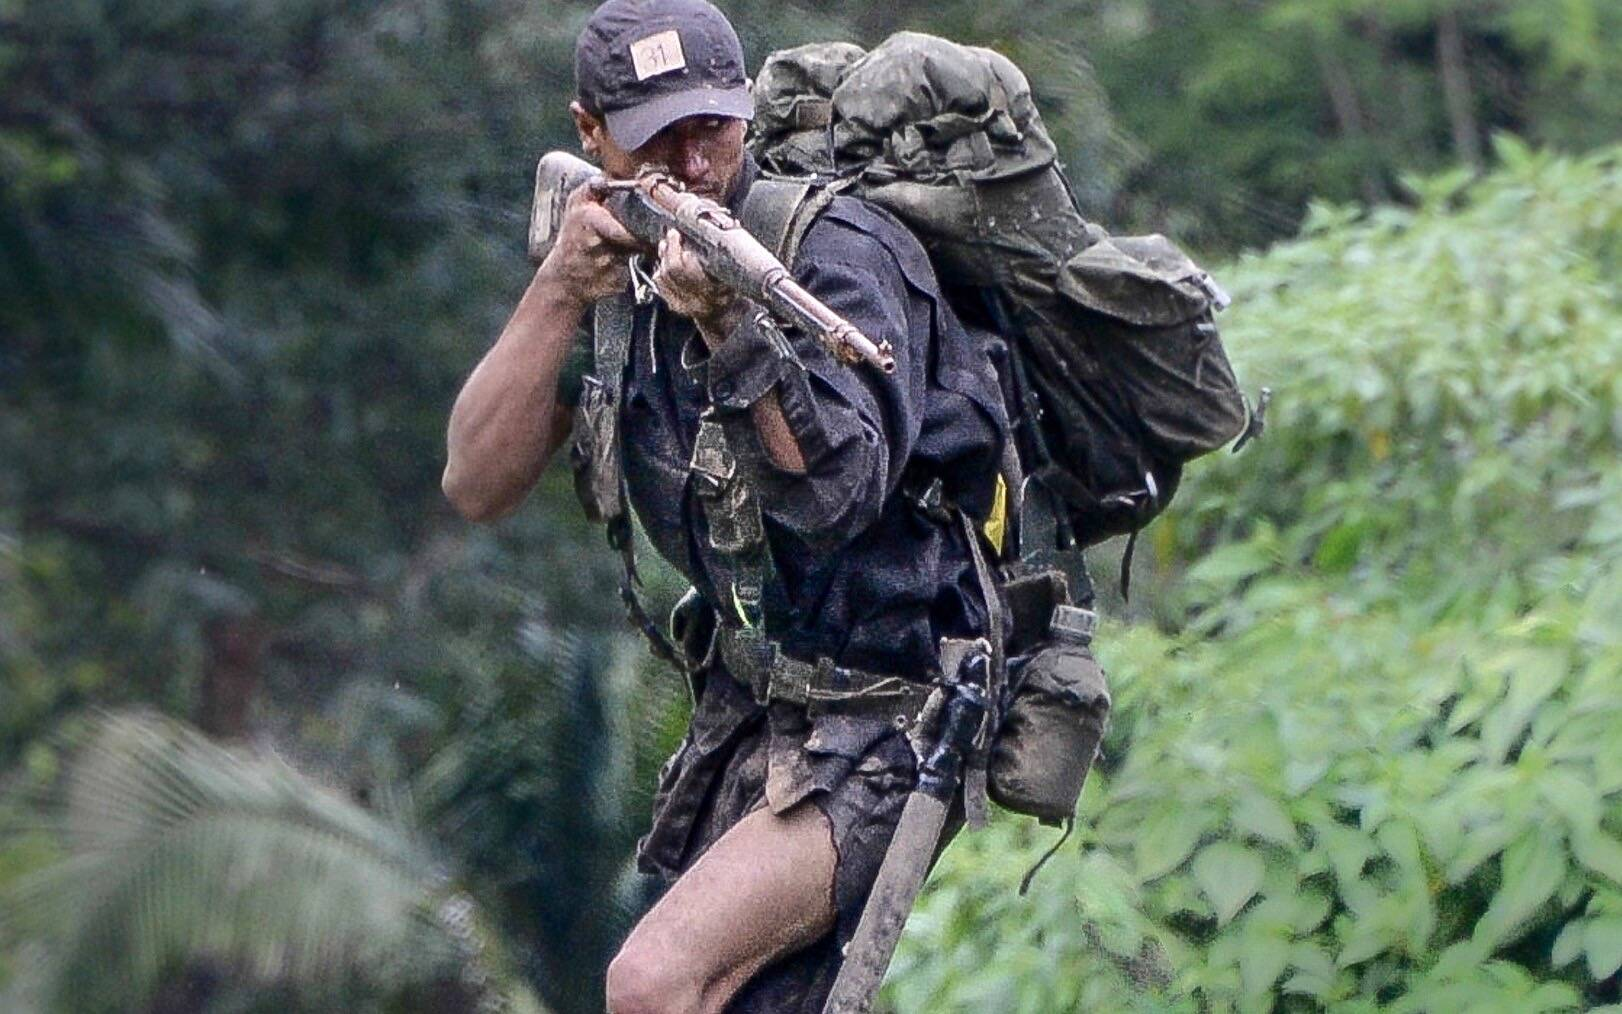 O curso de formação de Operadores do COE leva os alunos à situações físicas e psicológicas limite, para simular as condições reais que encontrarão em suas missões no mundo real. Foto: Major PM Luis Augusto Pacheco Ambar